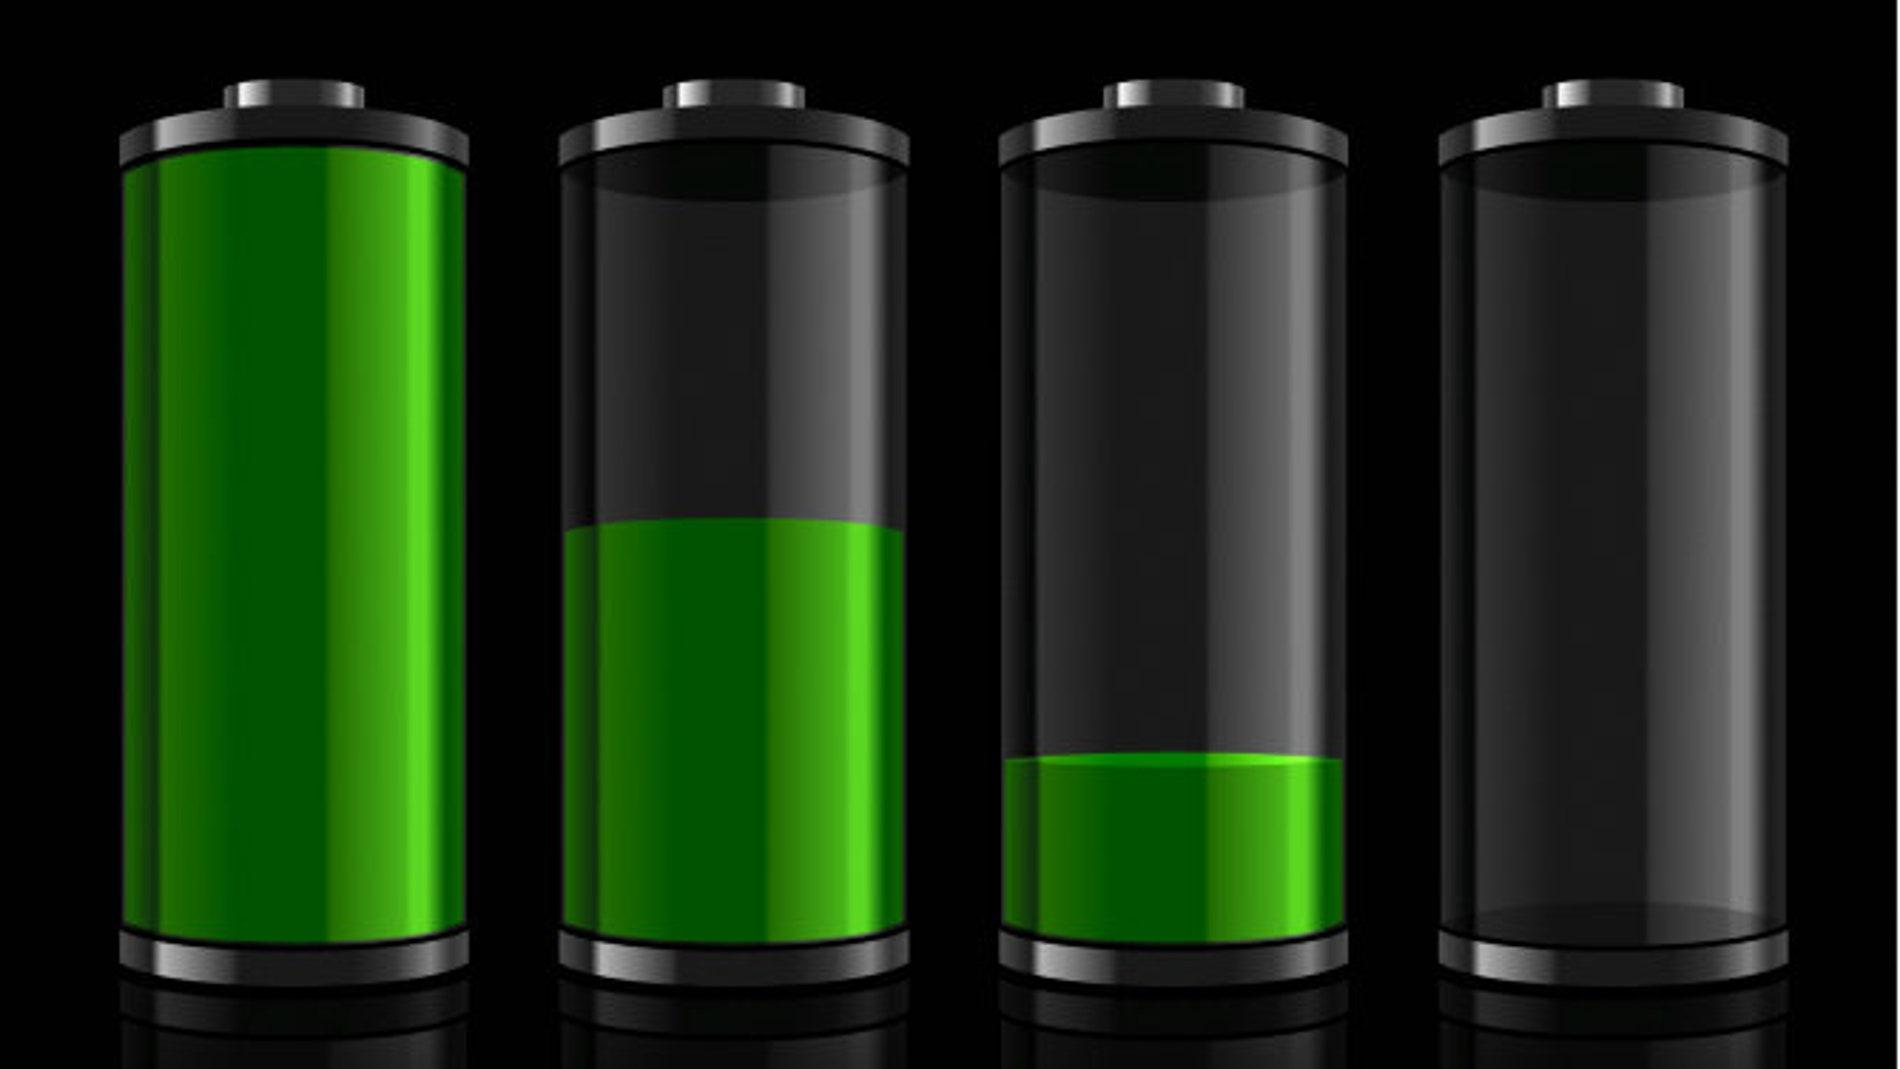 El reto de cada día: aguantar hasta la noche con batería en el teléfono